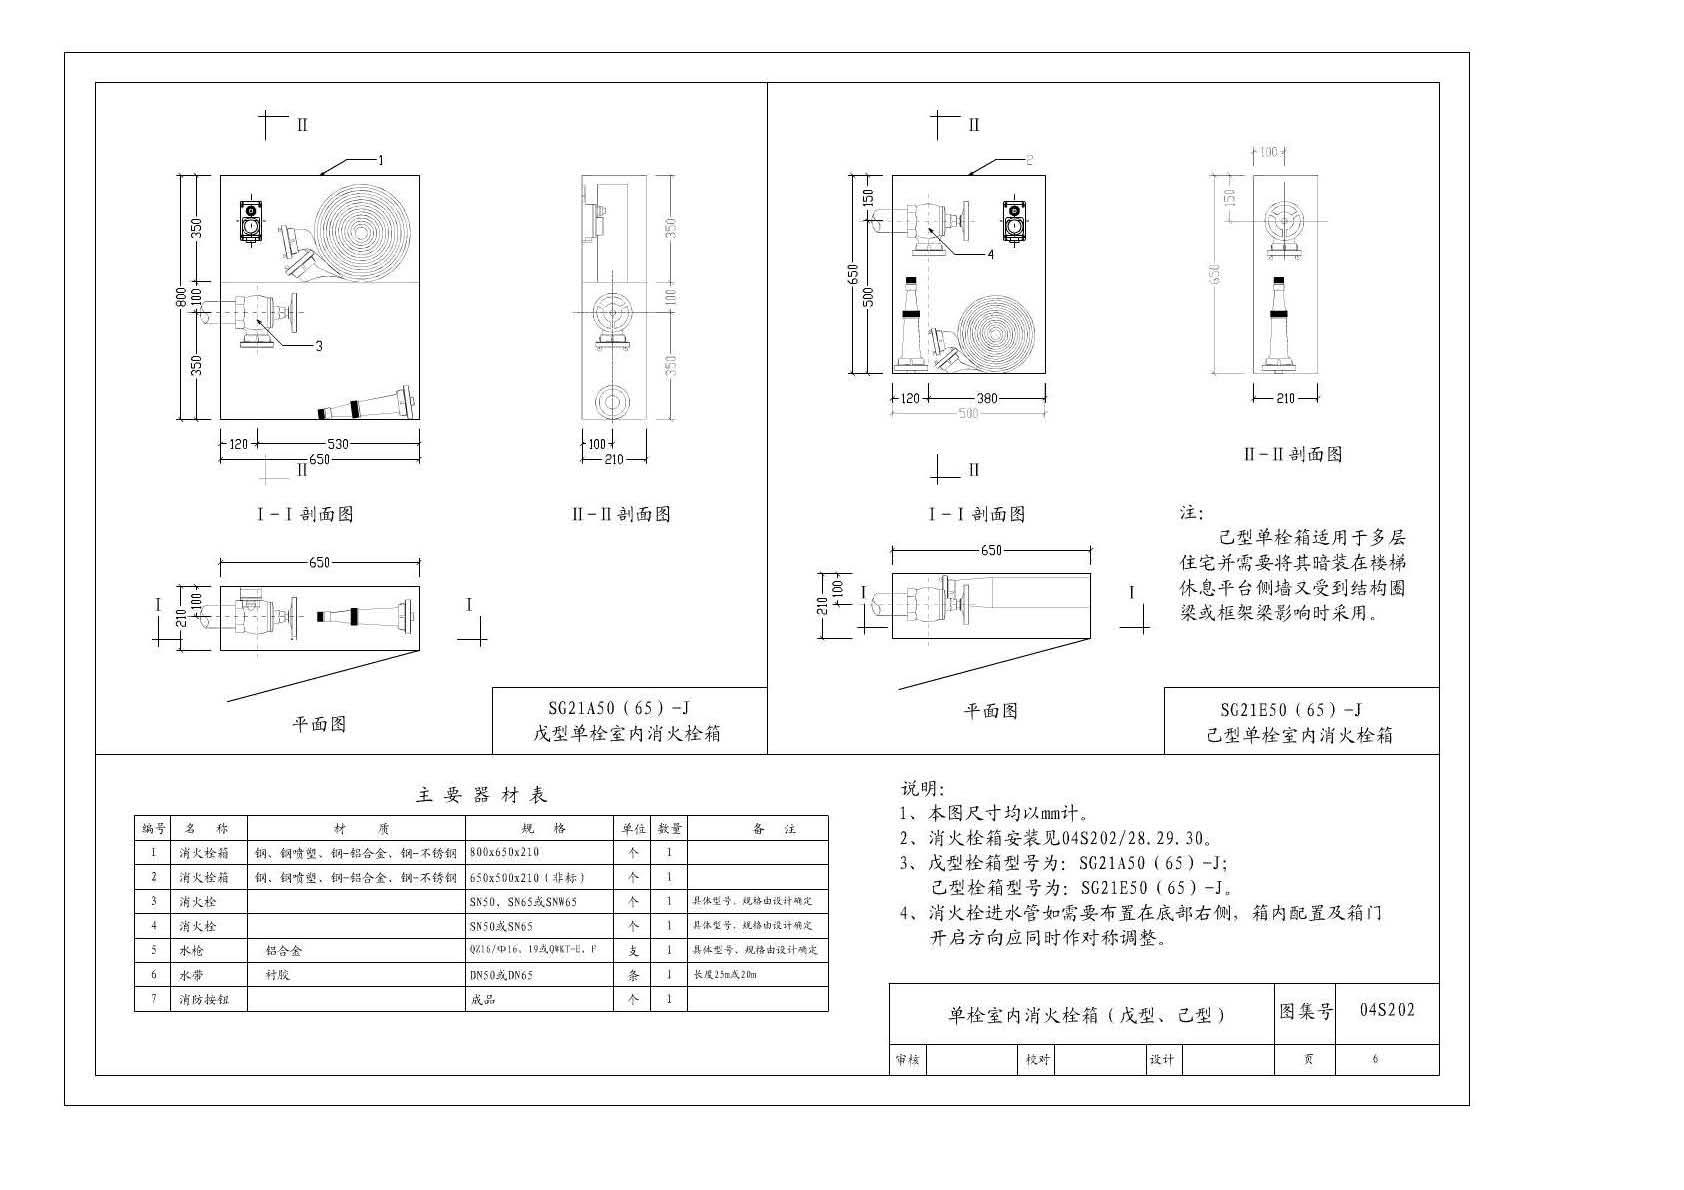 消火栓图集04s202_04s202室内消火栓安装图集